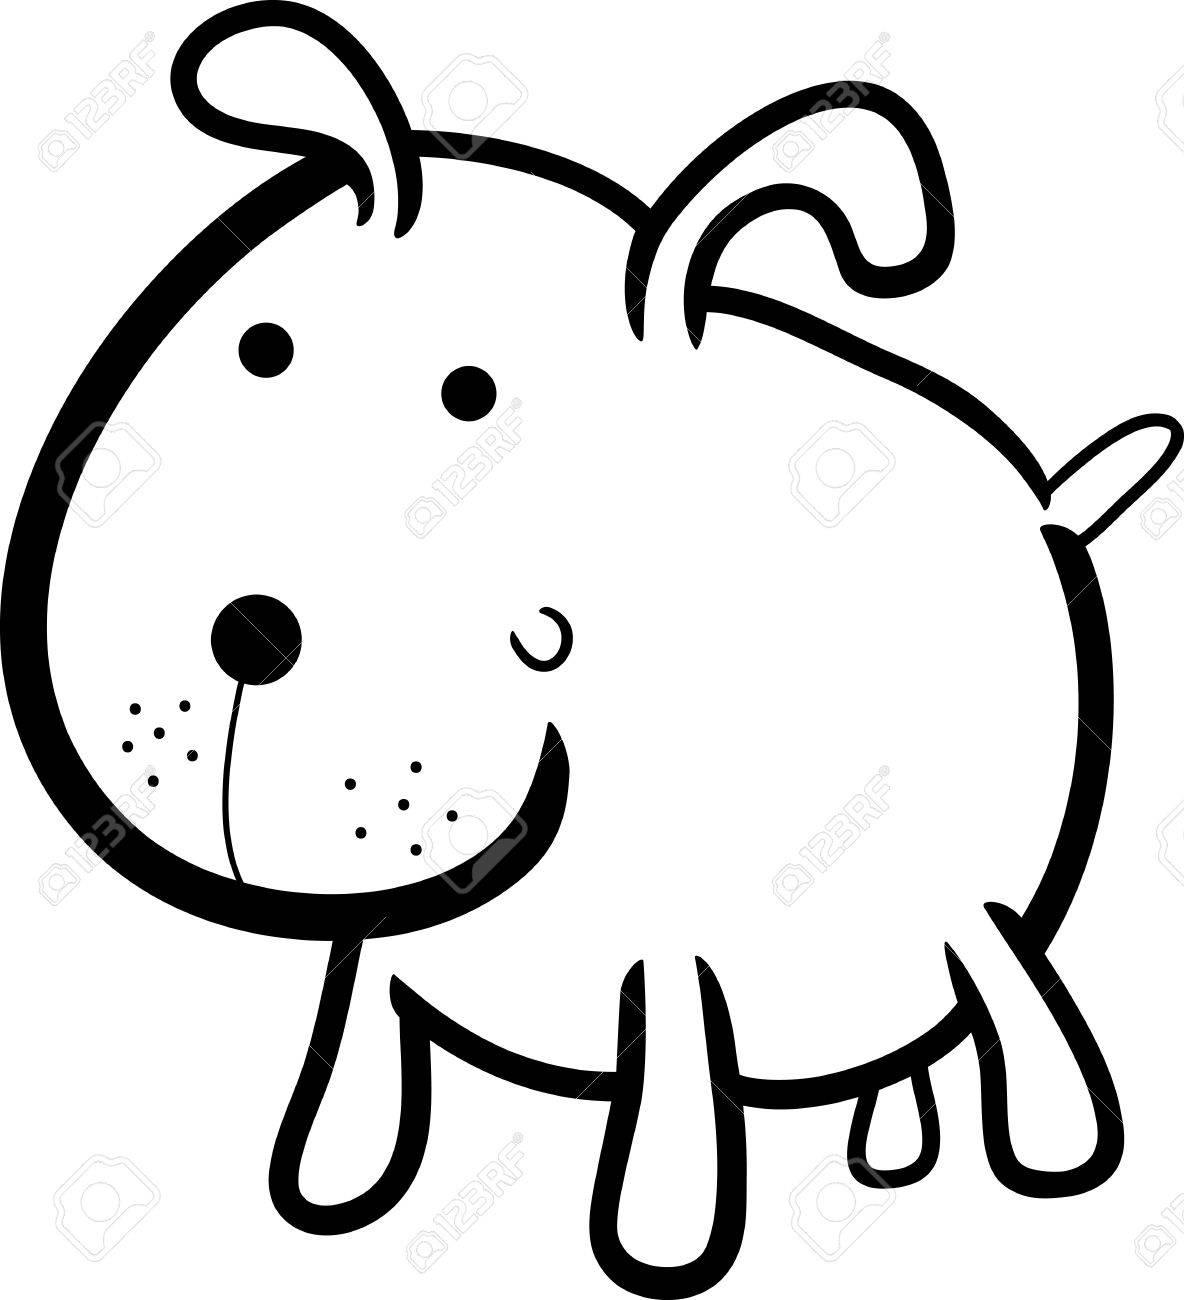 Ilustración De Dibujos Animados De Perro O Cachorro Bonito Libro Para Colorear Para Los